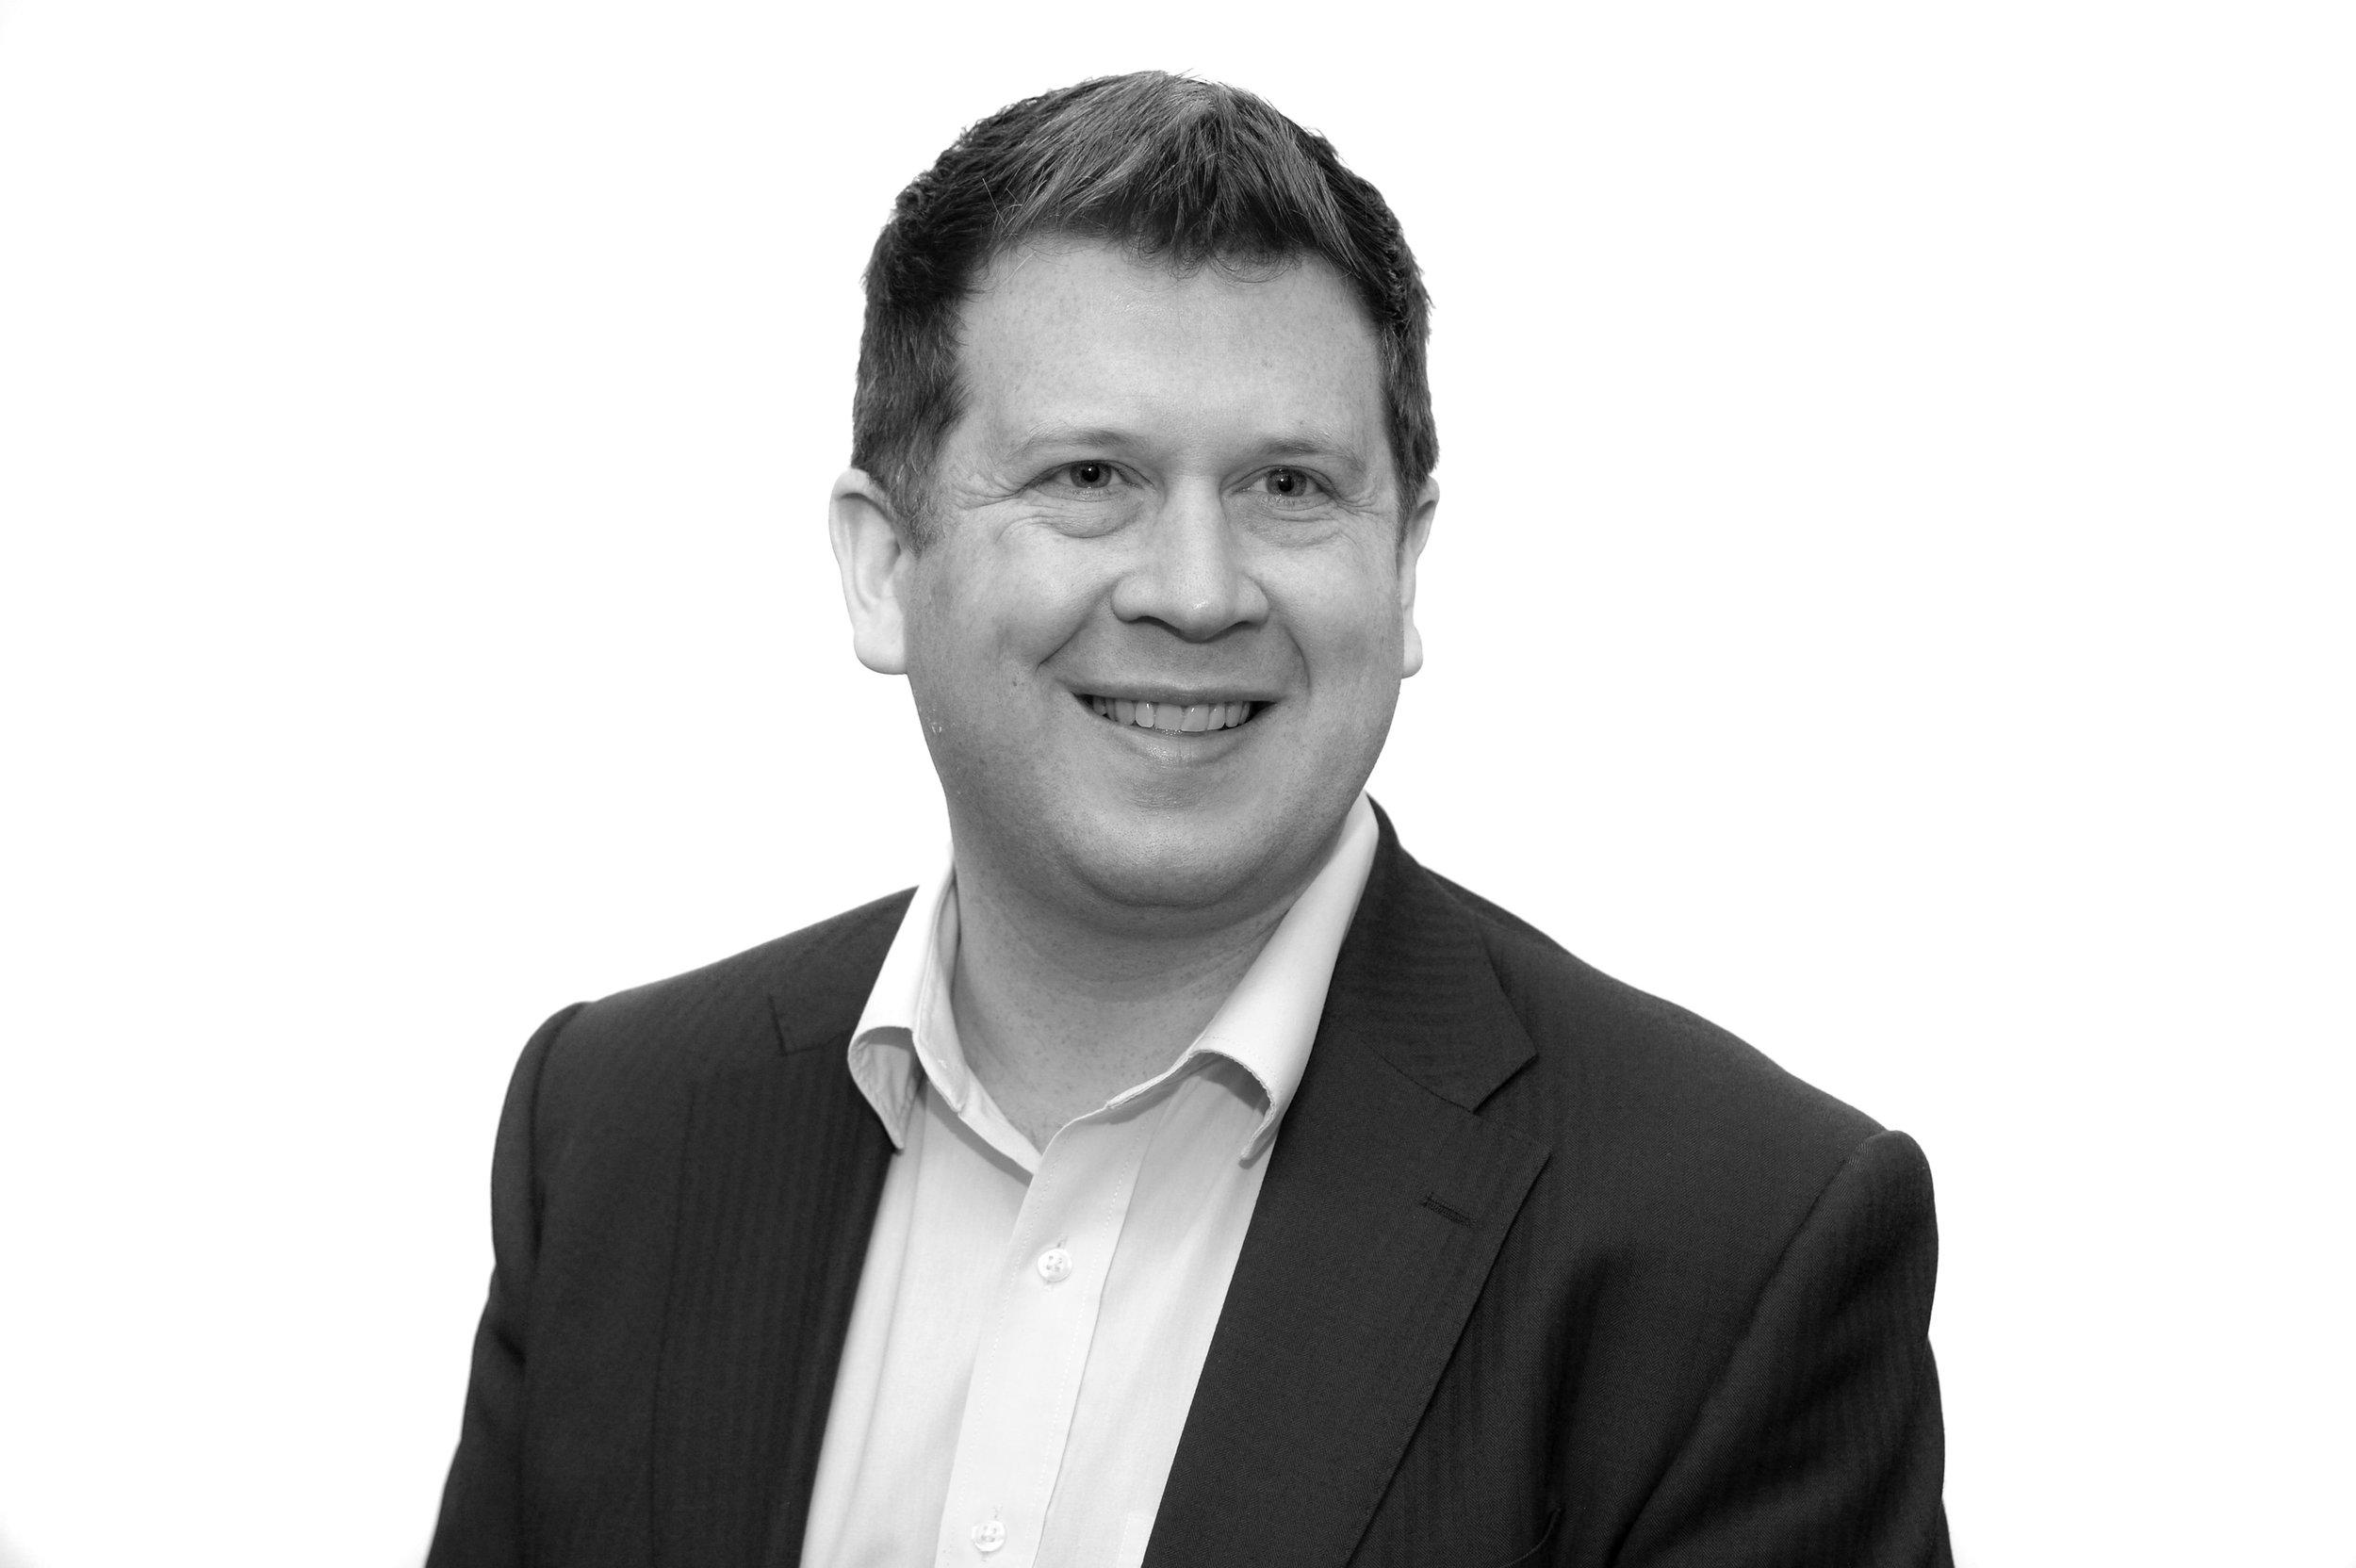 Richard Barker - Senior Associate